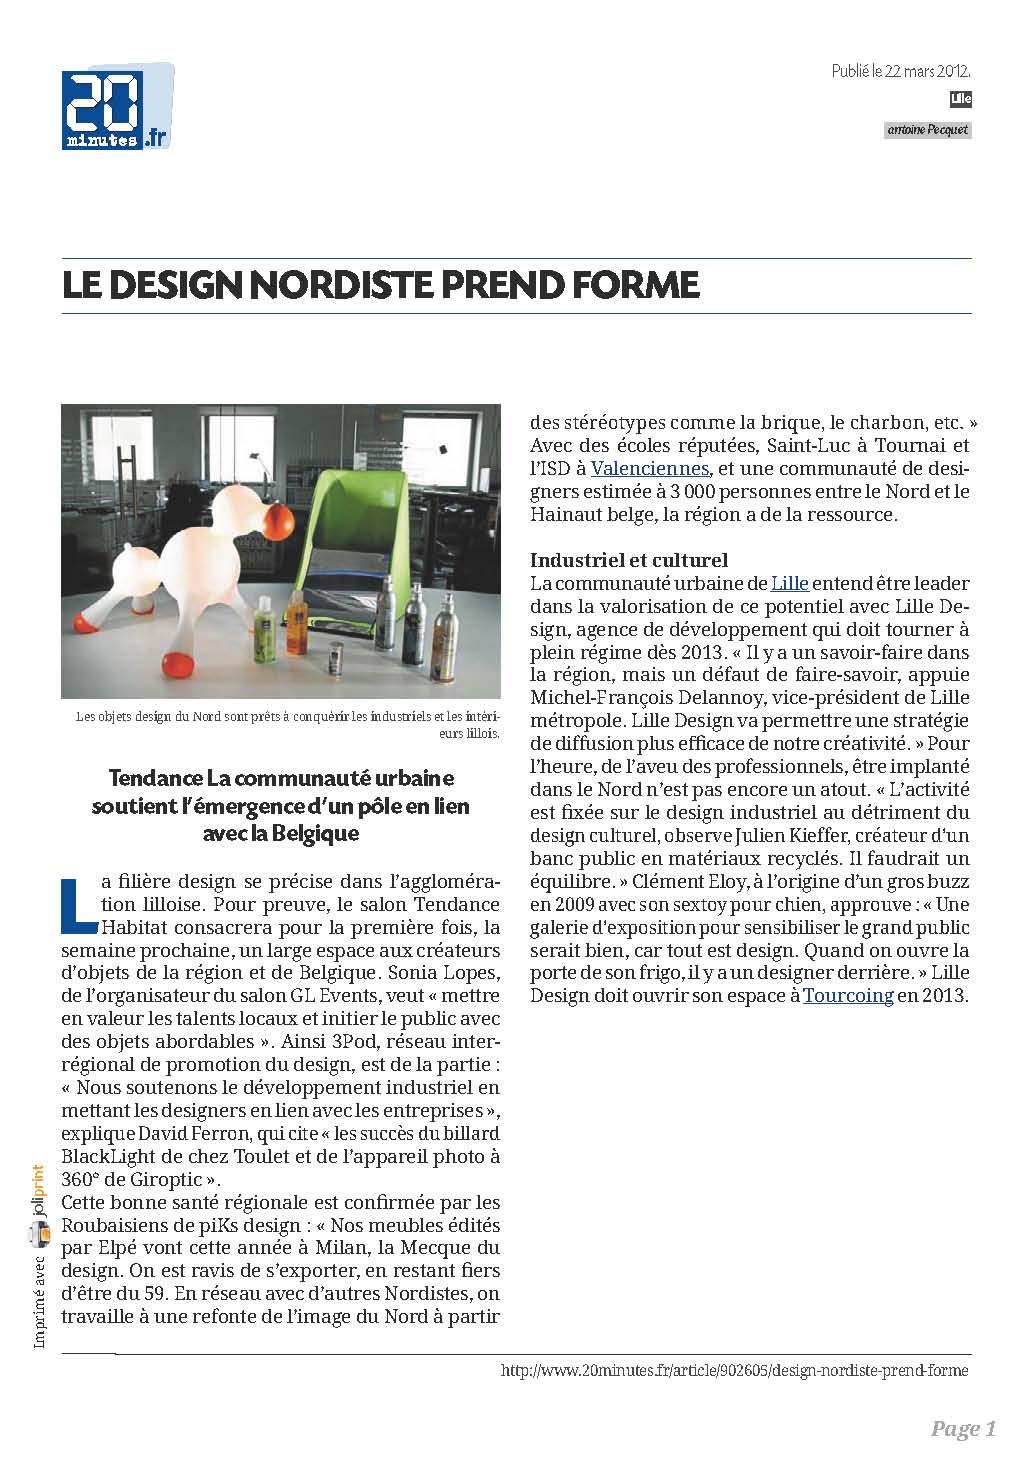 Presse-article-Billards-toulet-20minutes.fr-le-design-nordiste-prend-forme1